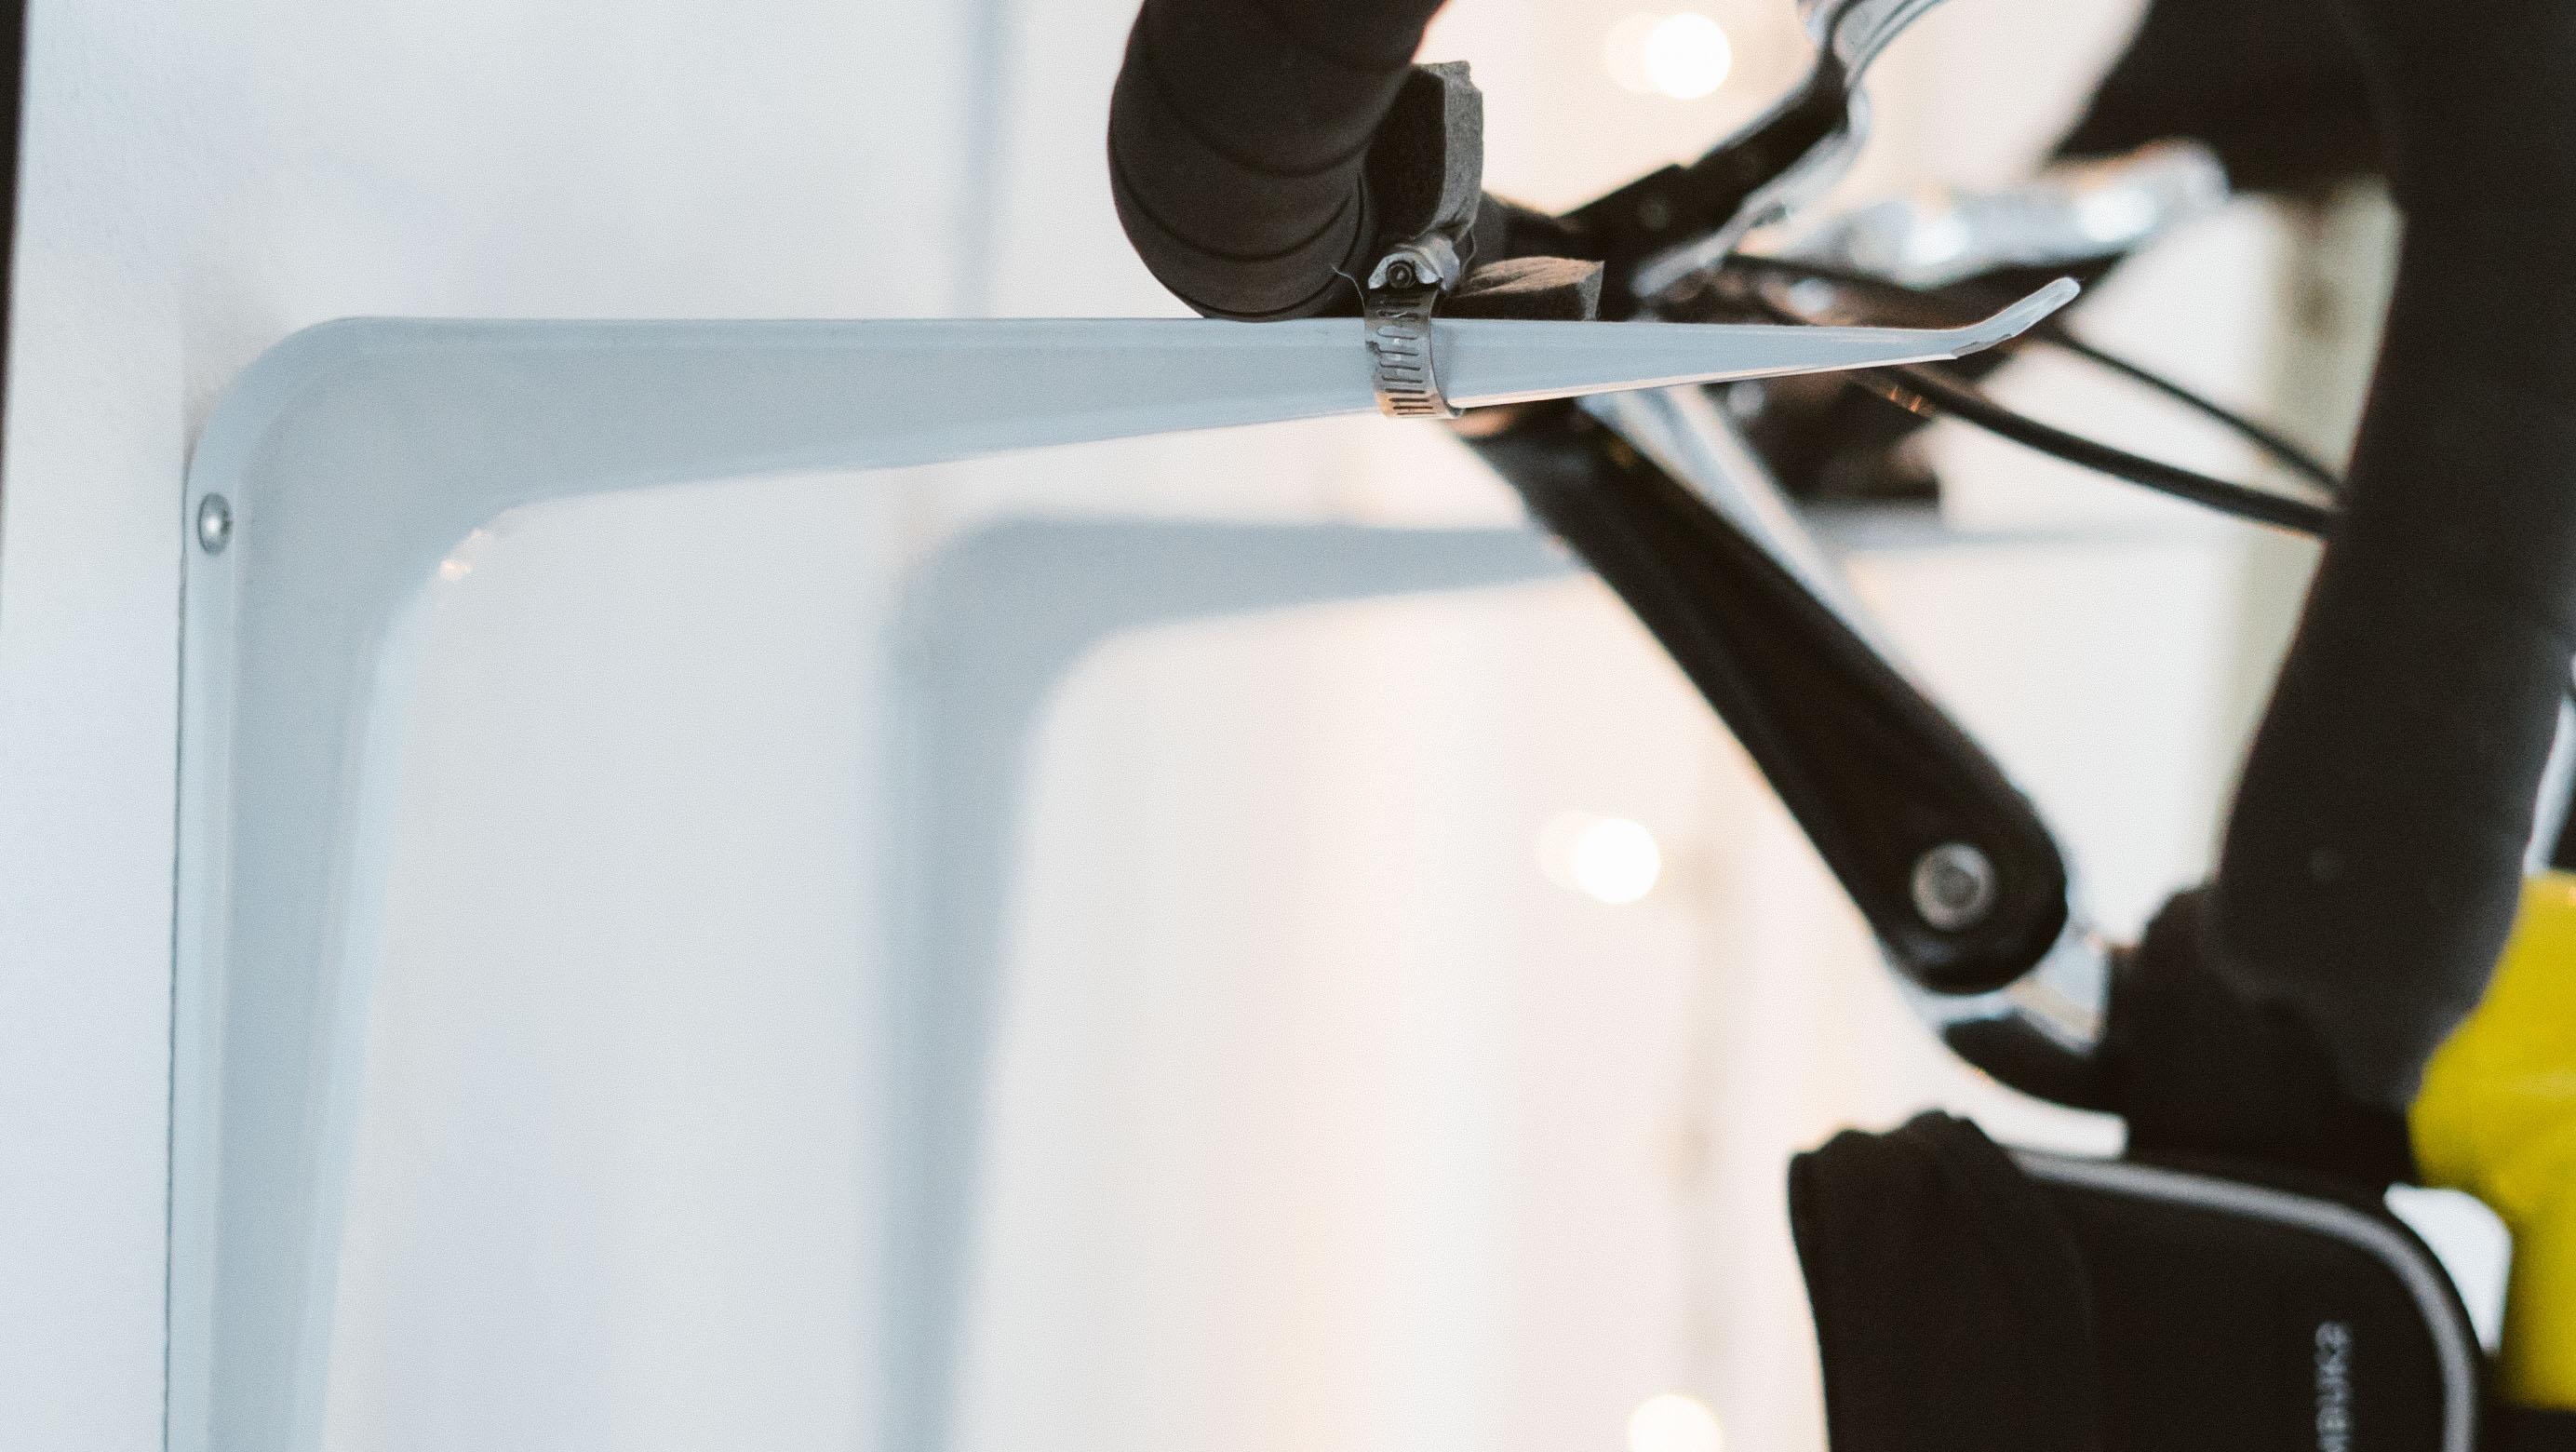 Wall-Mounted-Bike-Rack-31